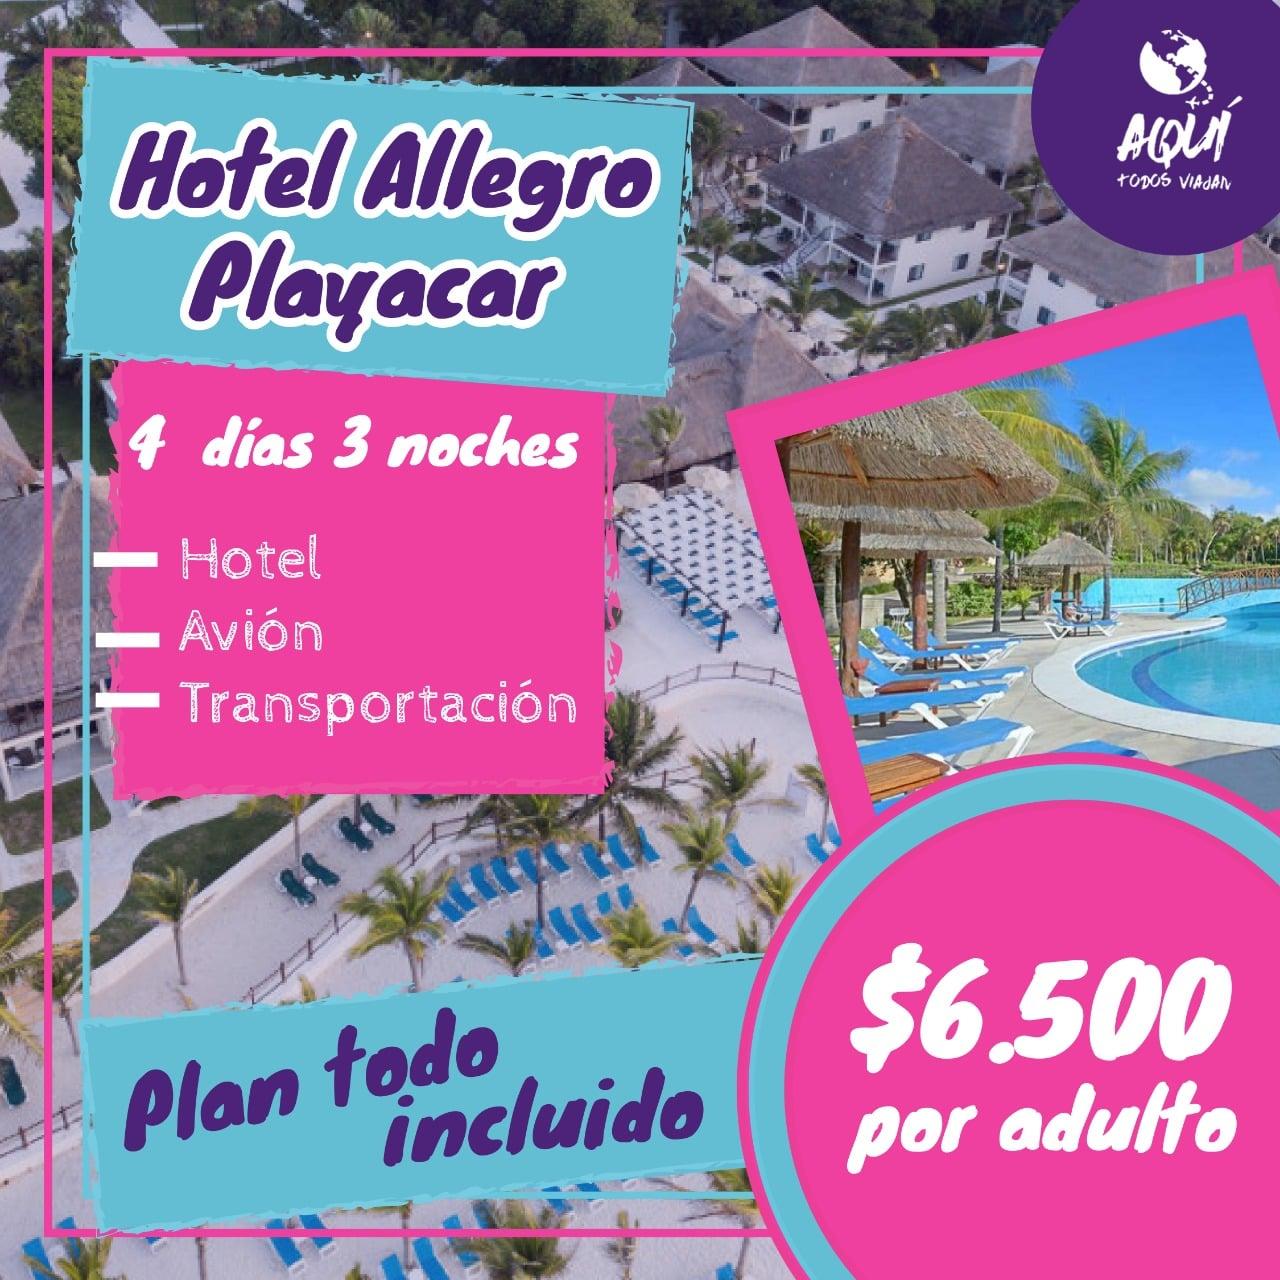 Allegro Playacar, Promocion, Agencia de Viajes, Aquí Todos Viajan, Apodaca